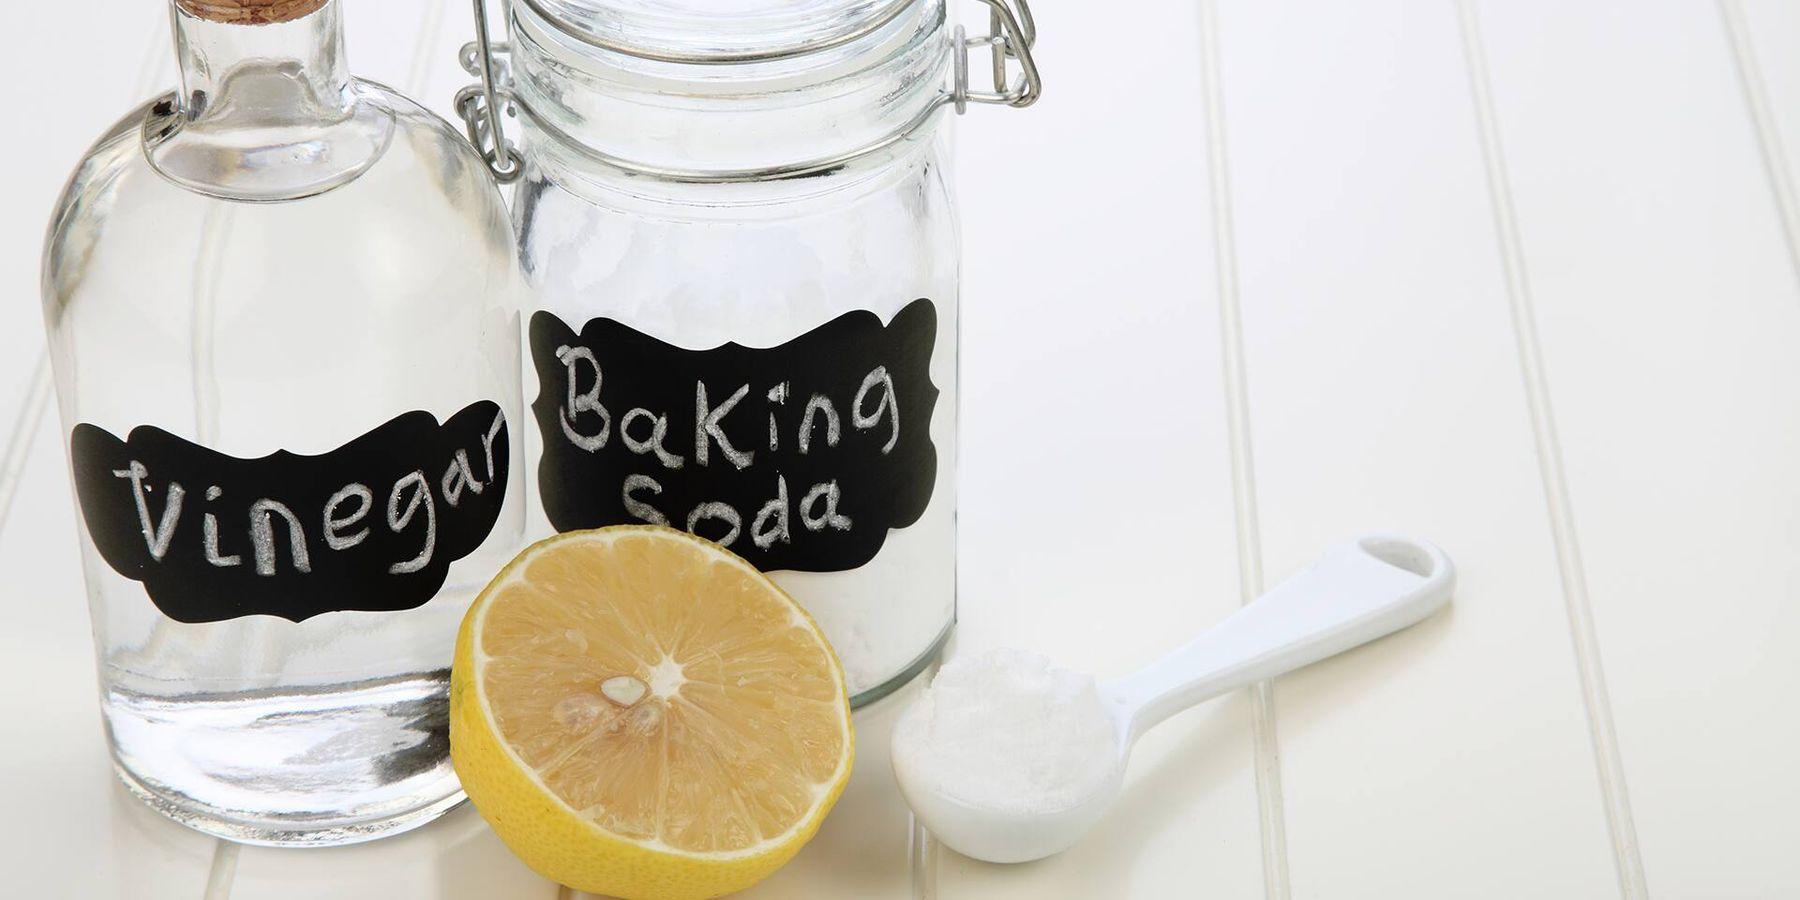 Thông cống nghẹt giá rẻ với baking soda và giấm giúp thông tắc cống hiệu quả